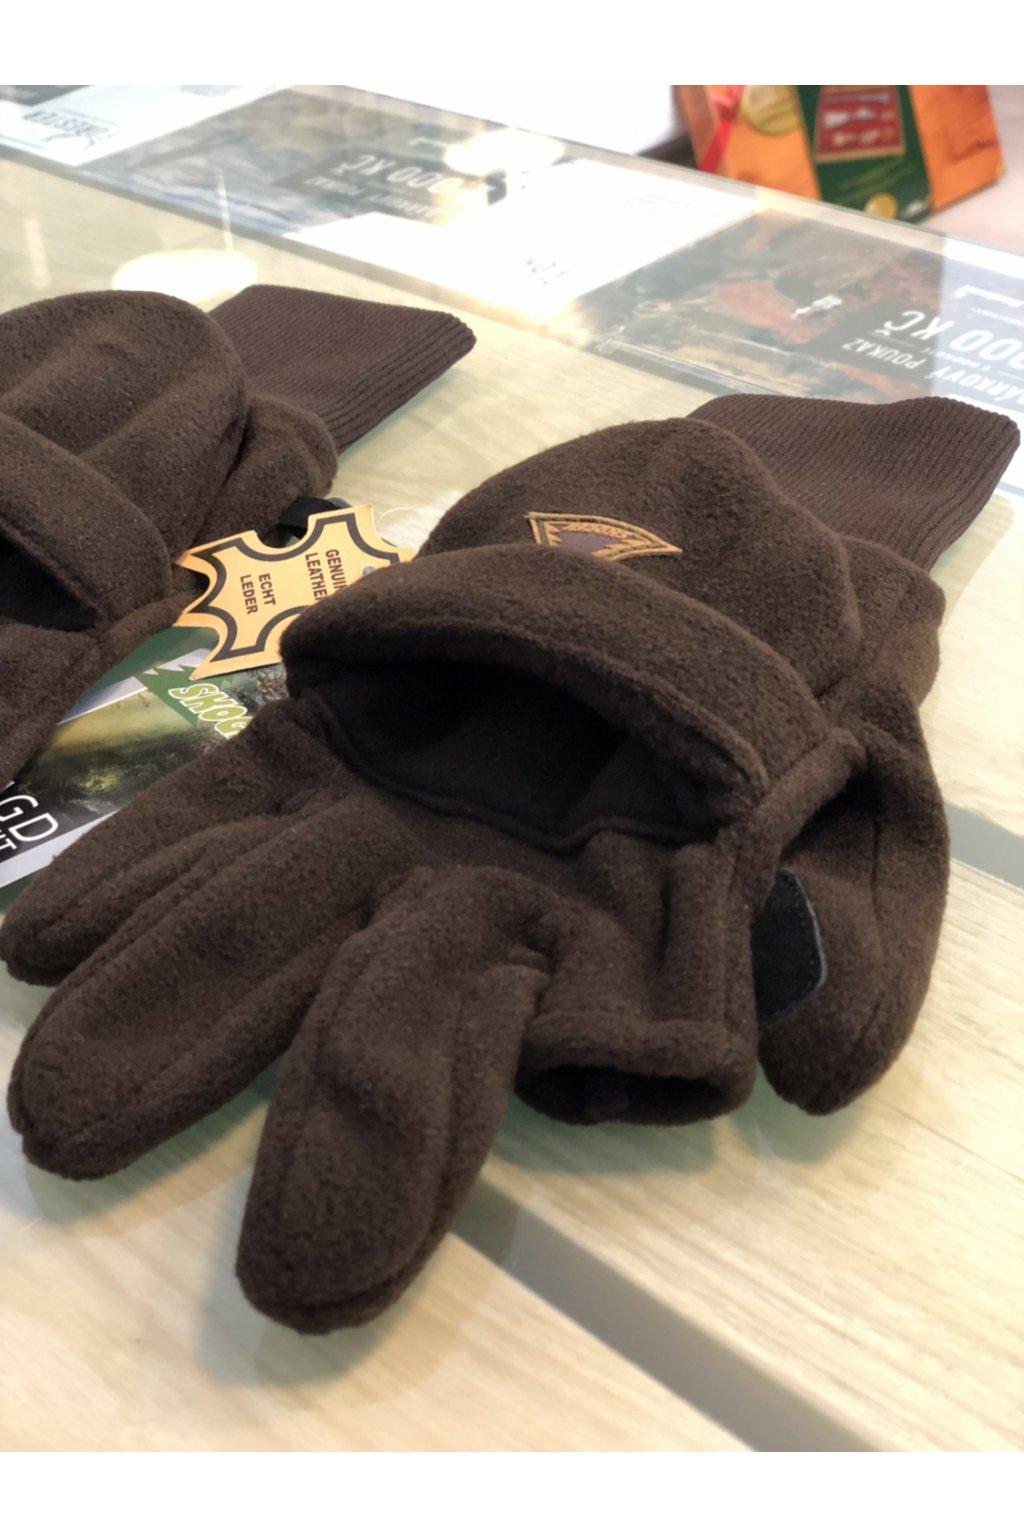 Rukavice fleece s překlopem